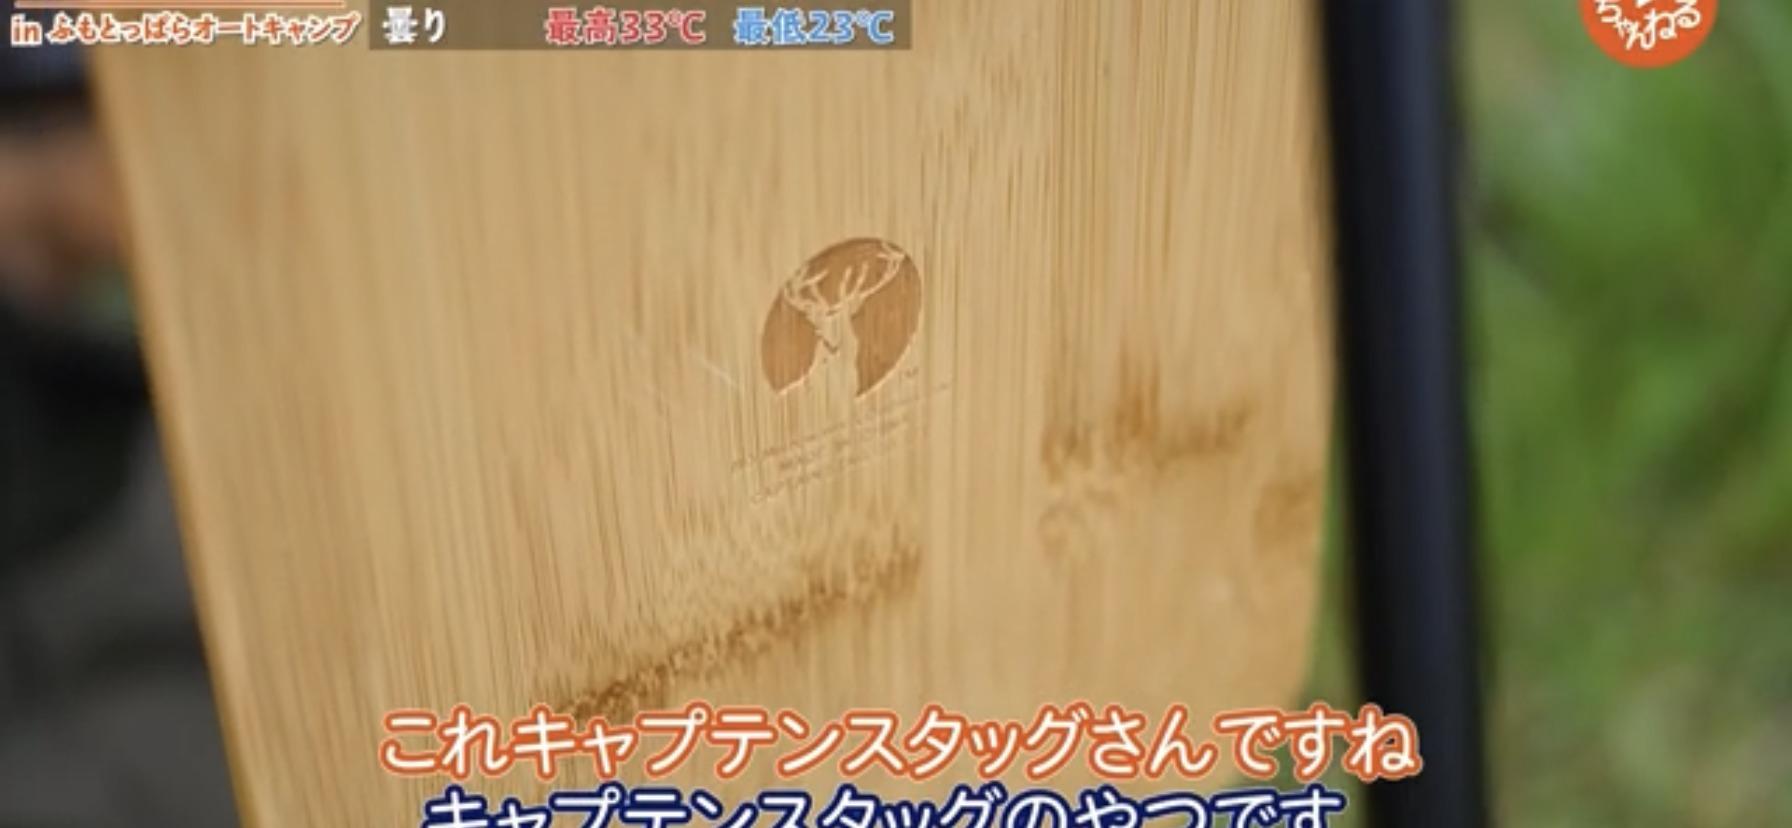 まな板:【キャプテンスタッグ(CAPTAIN STAG)】竹製 まな板 カッティングボード